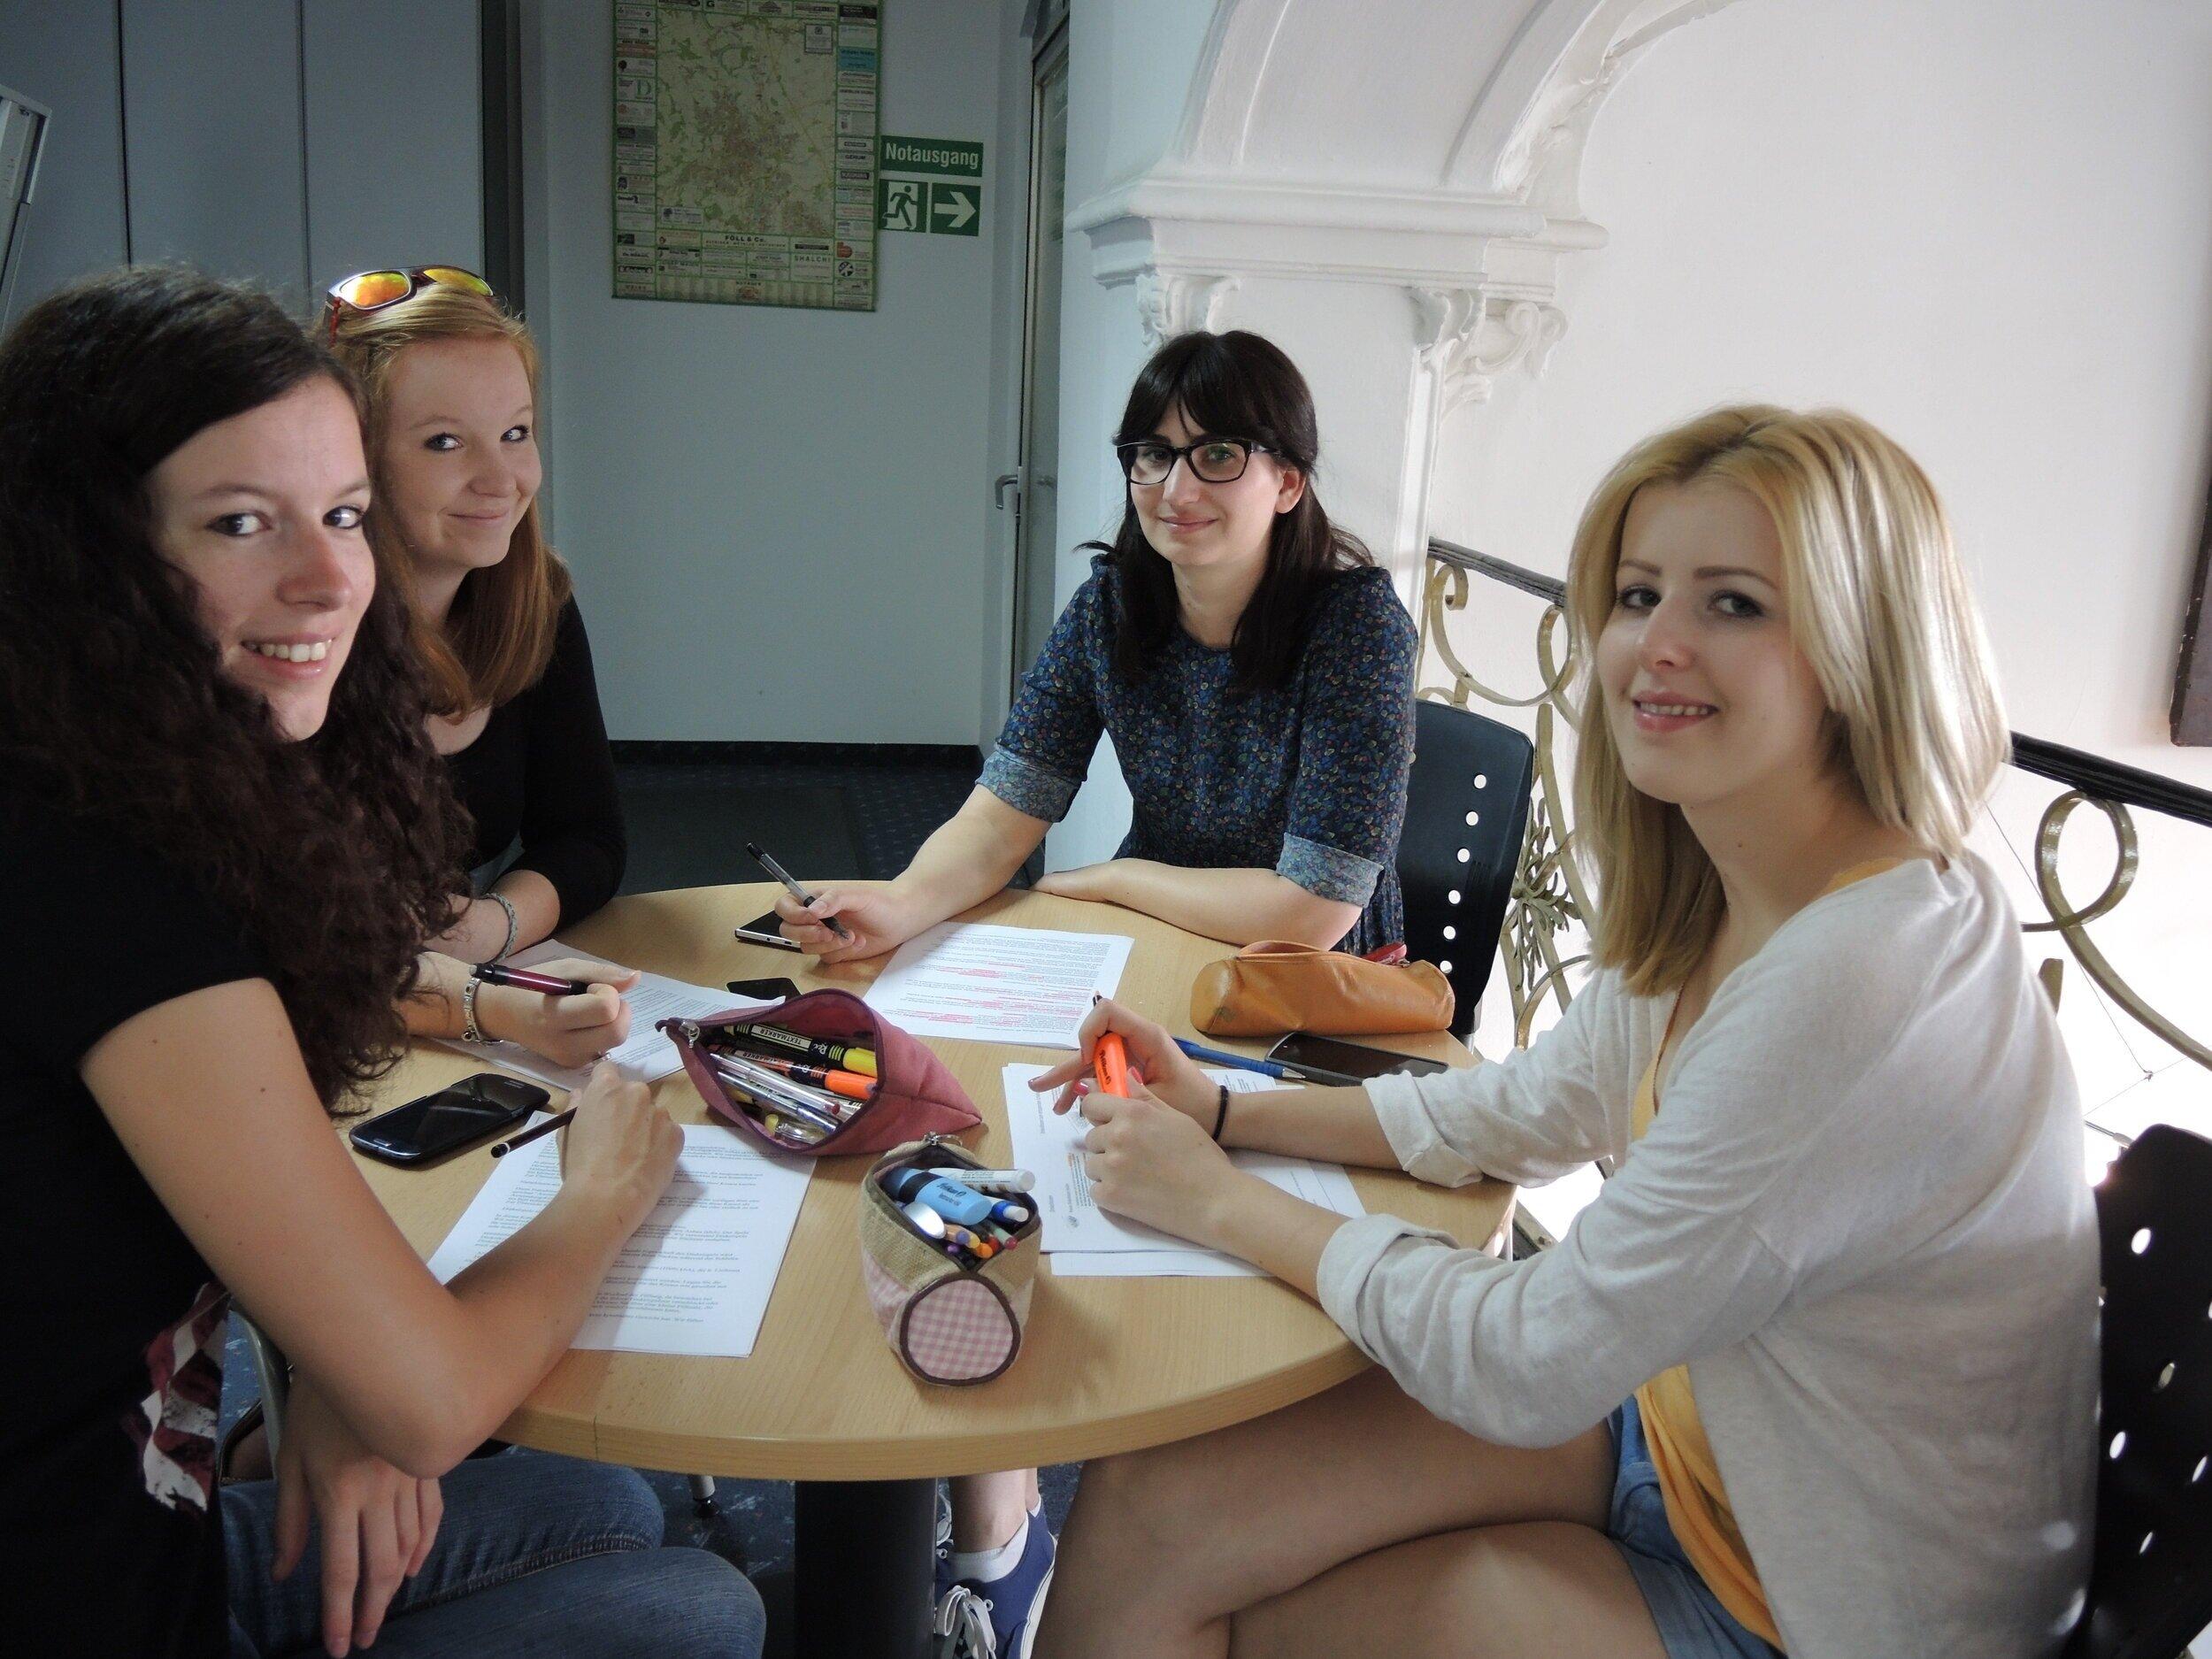 IFB-Studenten mit viel Spaß als untertitler am werk bei Ted-Projekten und Filmtrailern -